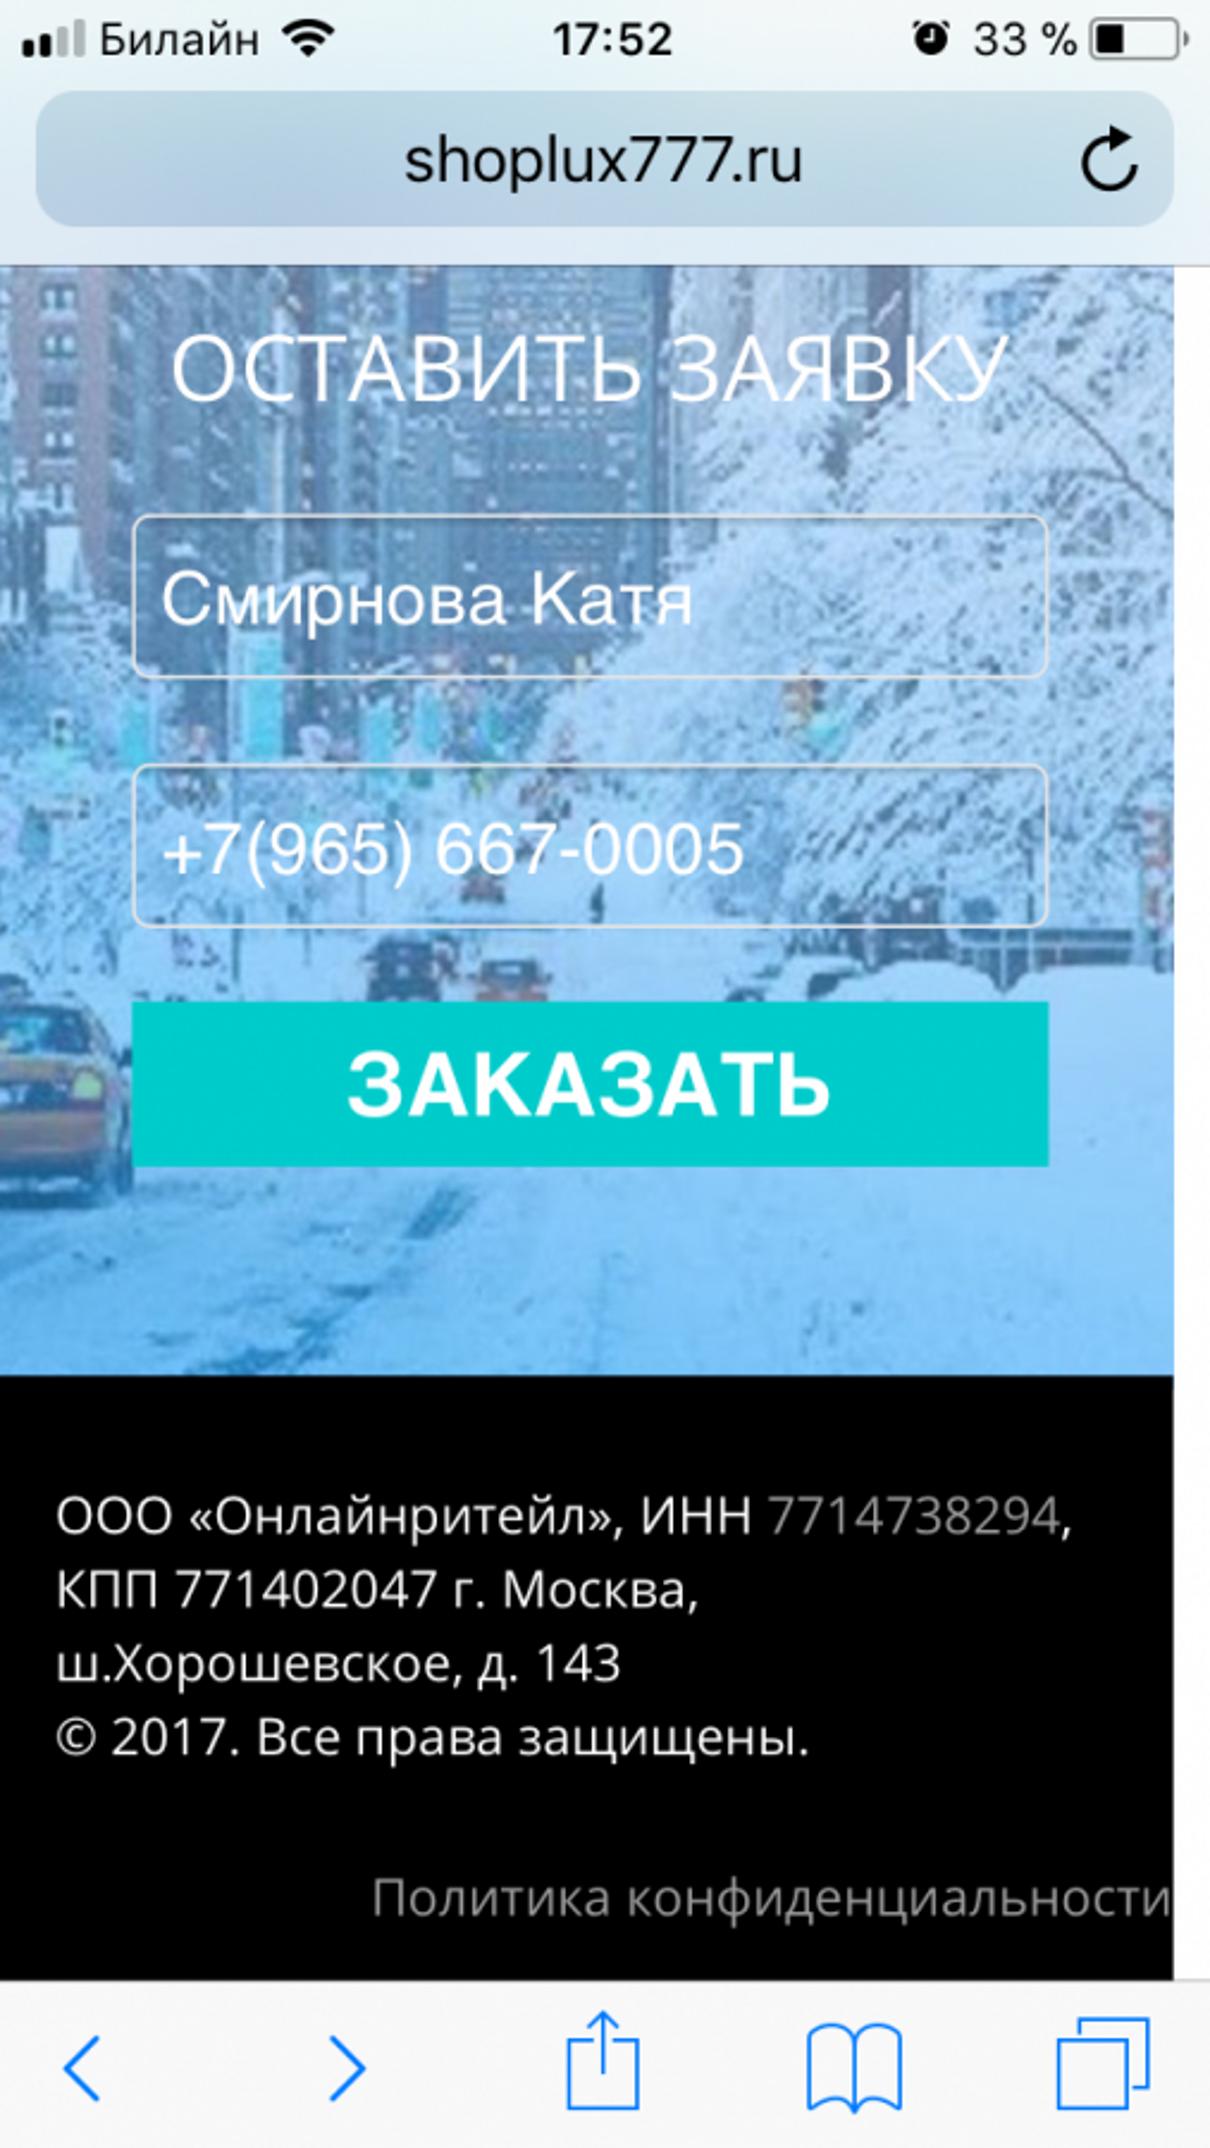 Жалоба-отзыв: ООО ПИМ - Мошенники на государственном уровне.  Фото №2